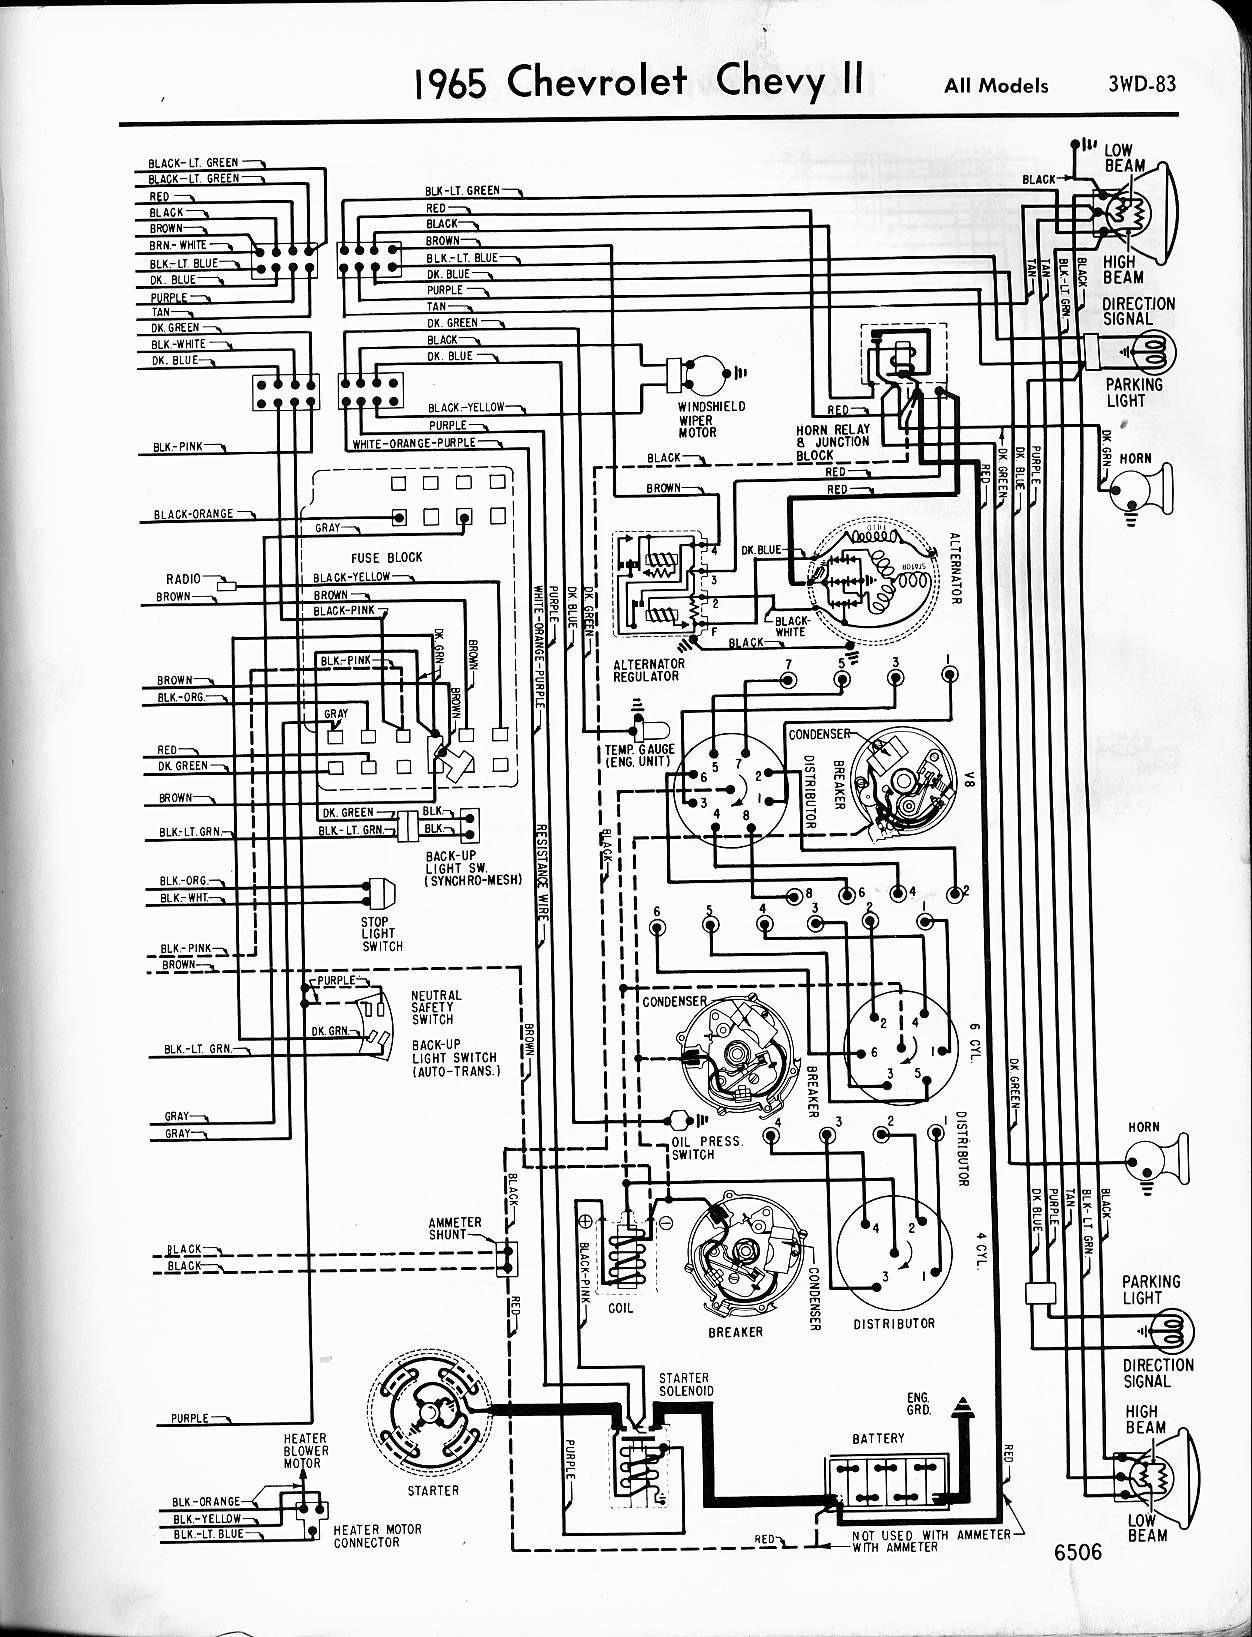 MWireChev65 3WD 083